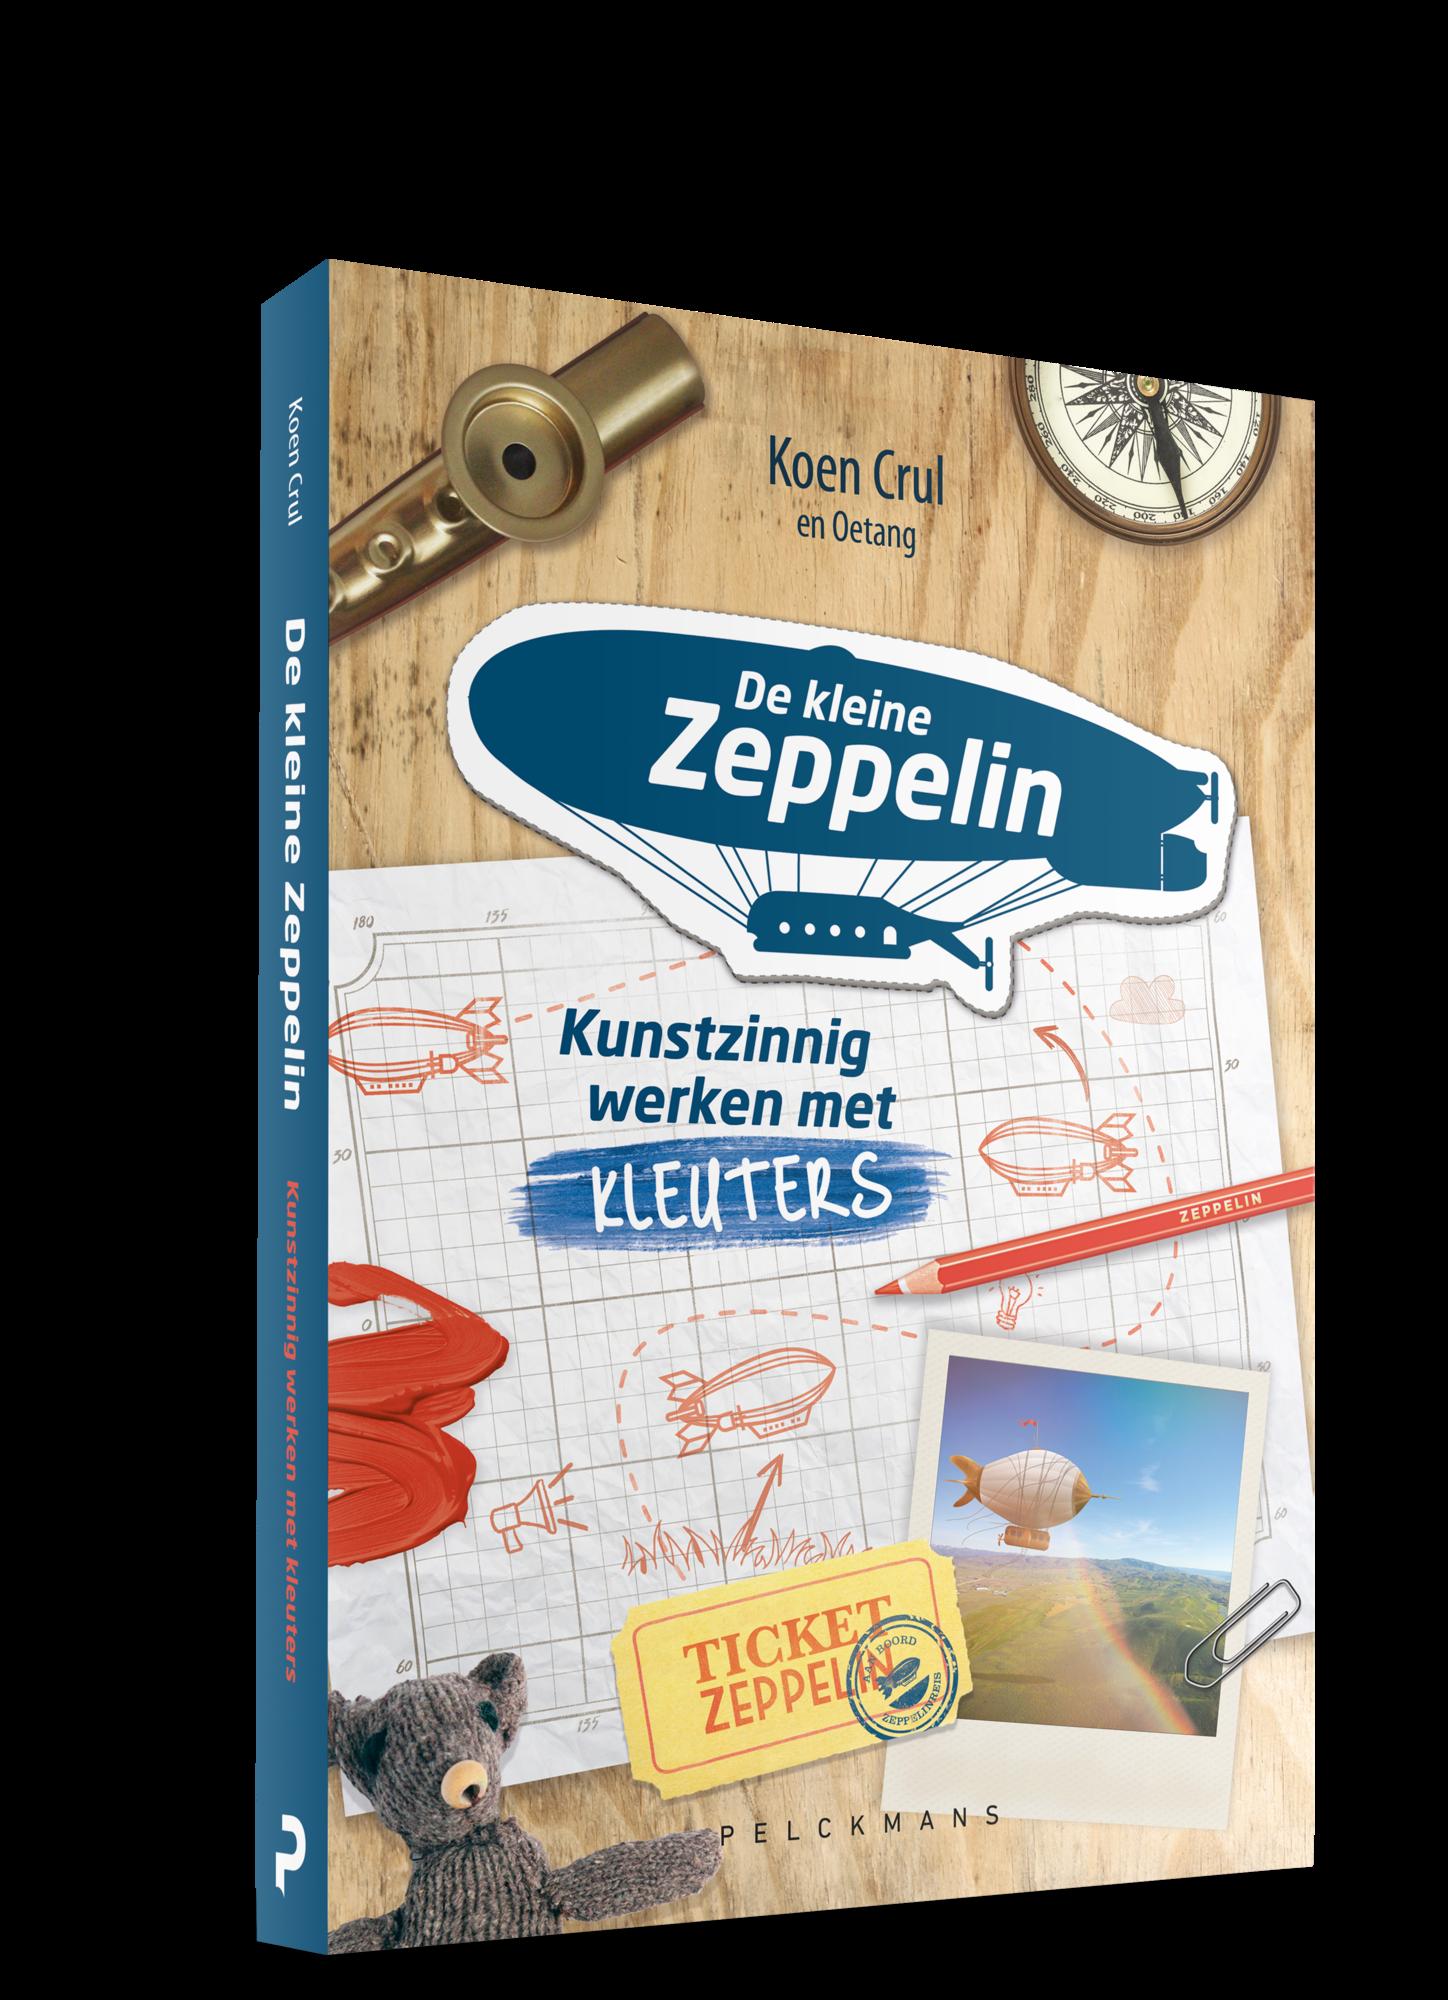 De kleine Zeppelin